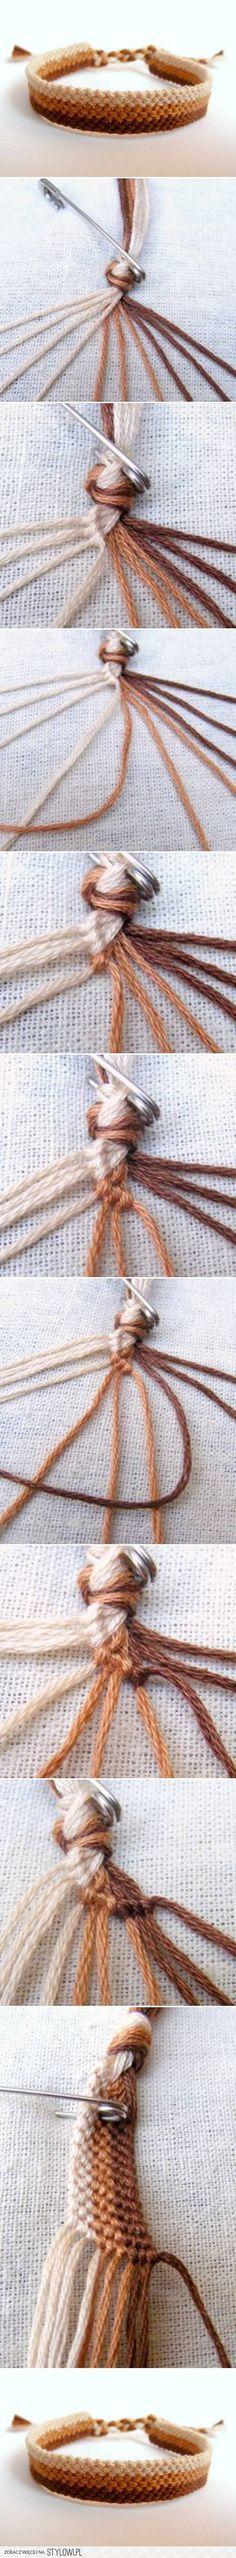 DIY Easy Weave Bracelet is part of Woven bracelet diy - Diy Bracelets Easy, Bracelet Crafts, Macrame Bracelets, Jewelry Crafts, String Bracelets, Knotted Bracelet, Crochet Bracelet, Macrame Knots, Micro Macrame